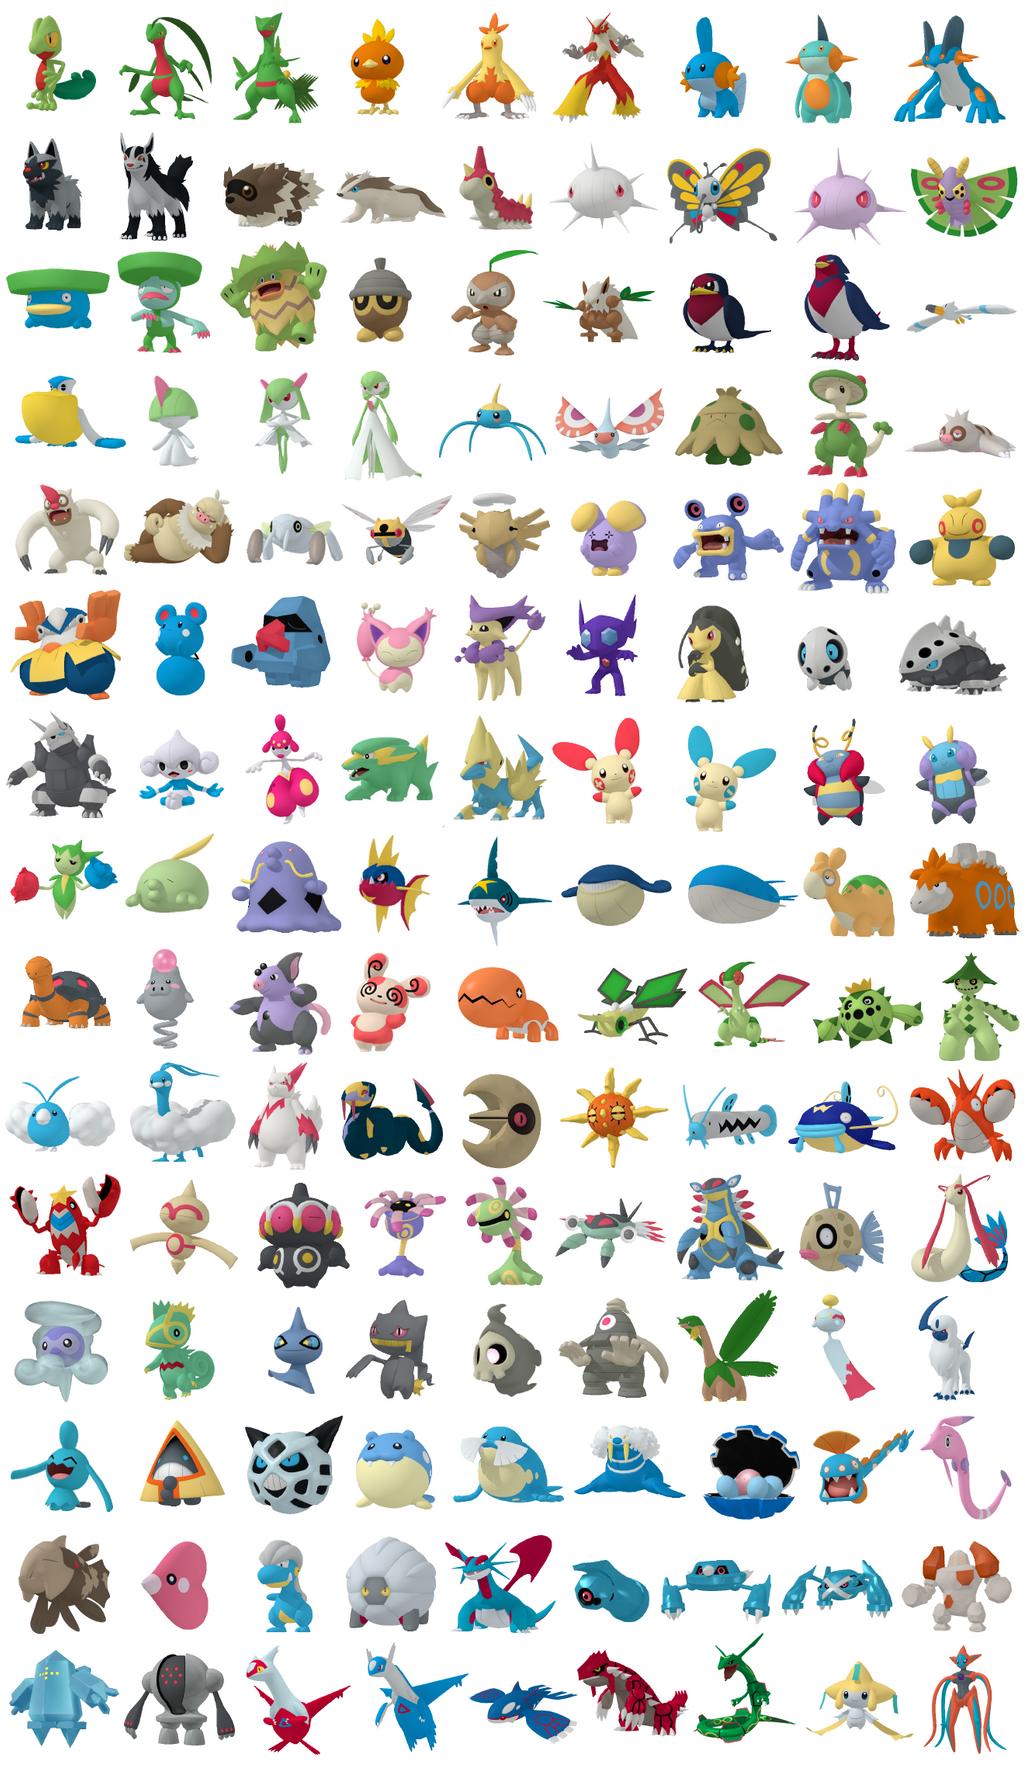 Fotos de todos los pokemon de teselia 9